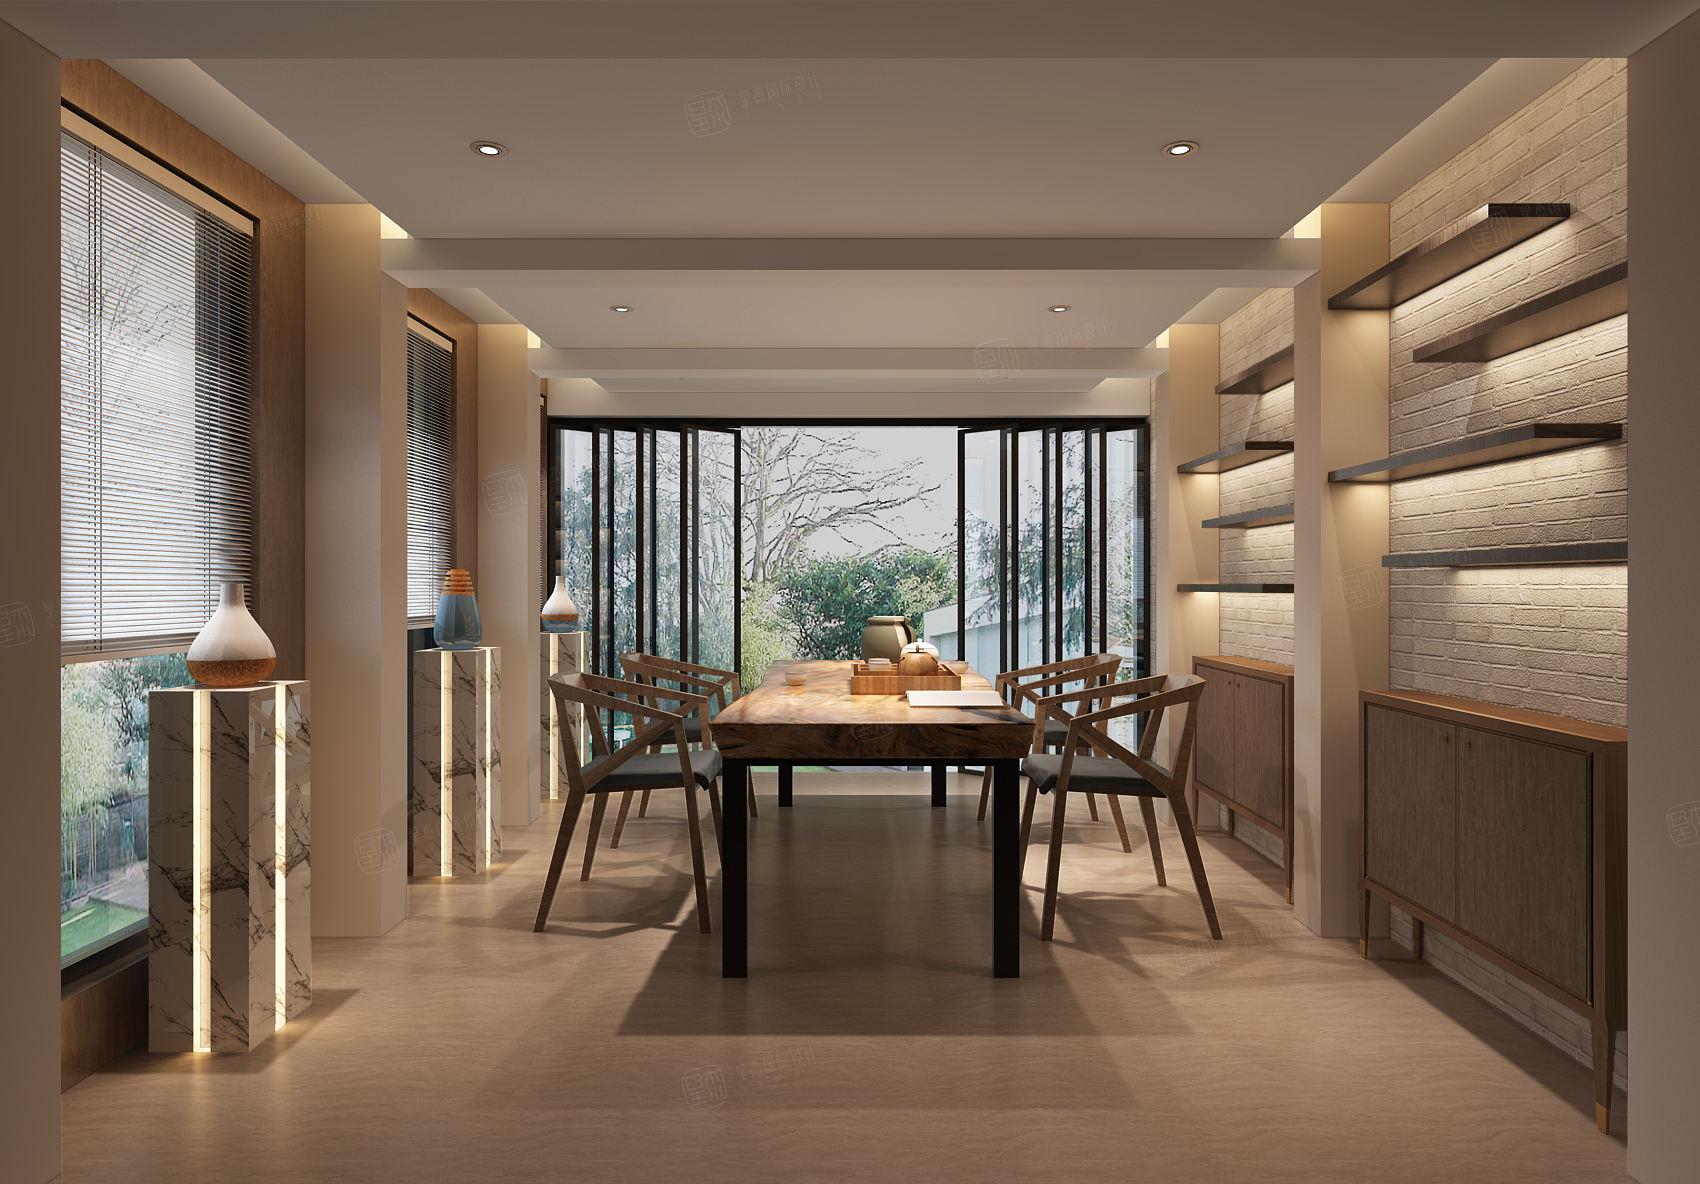 中邦上海城 现代简约装修餐厅效果图